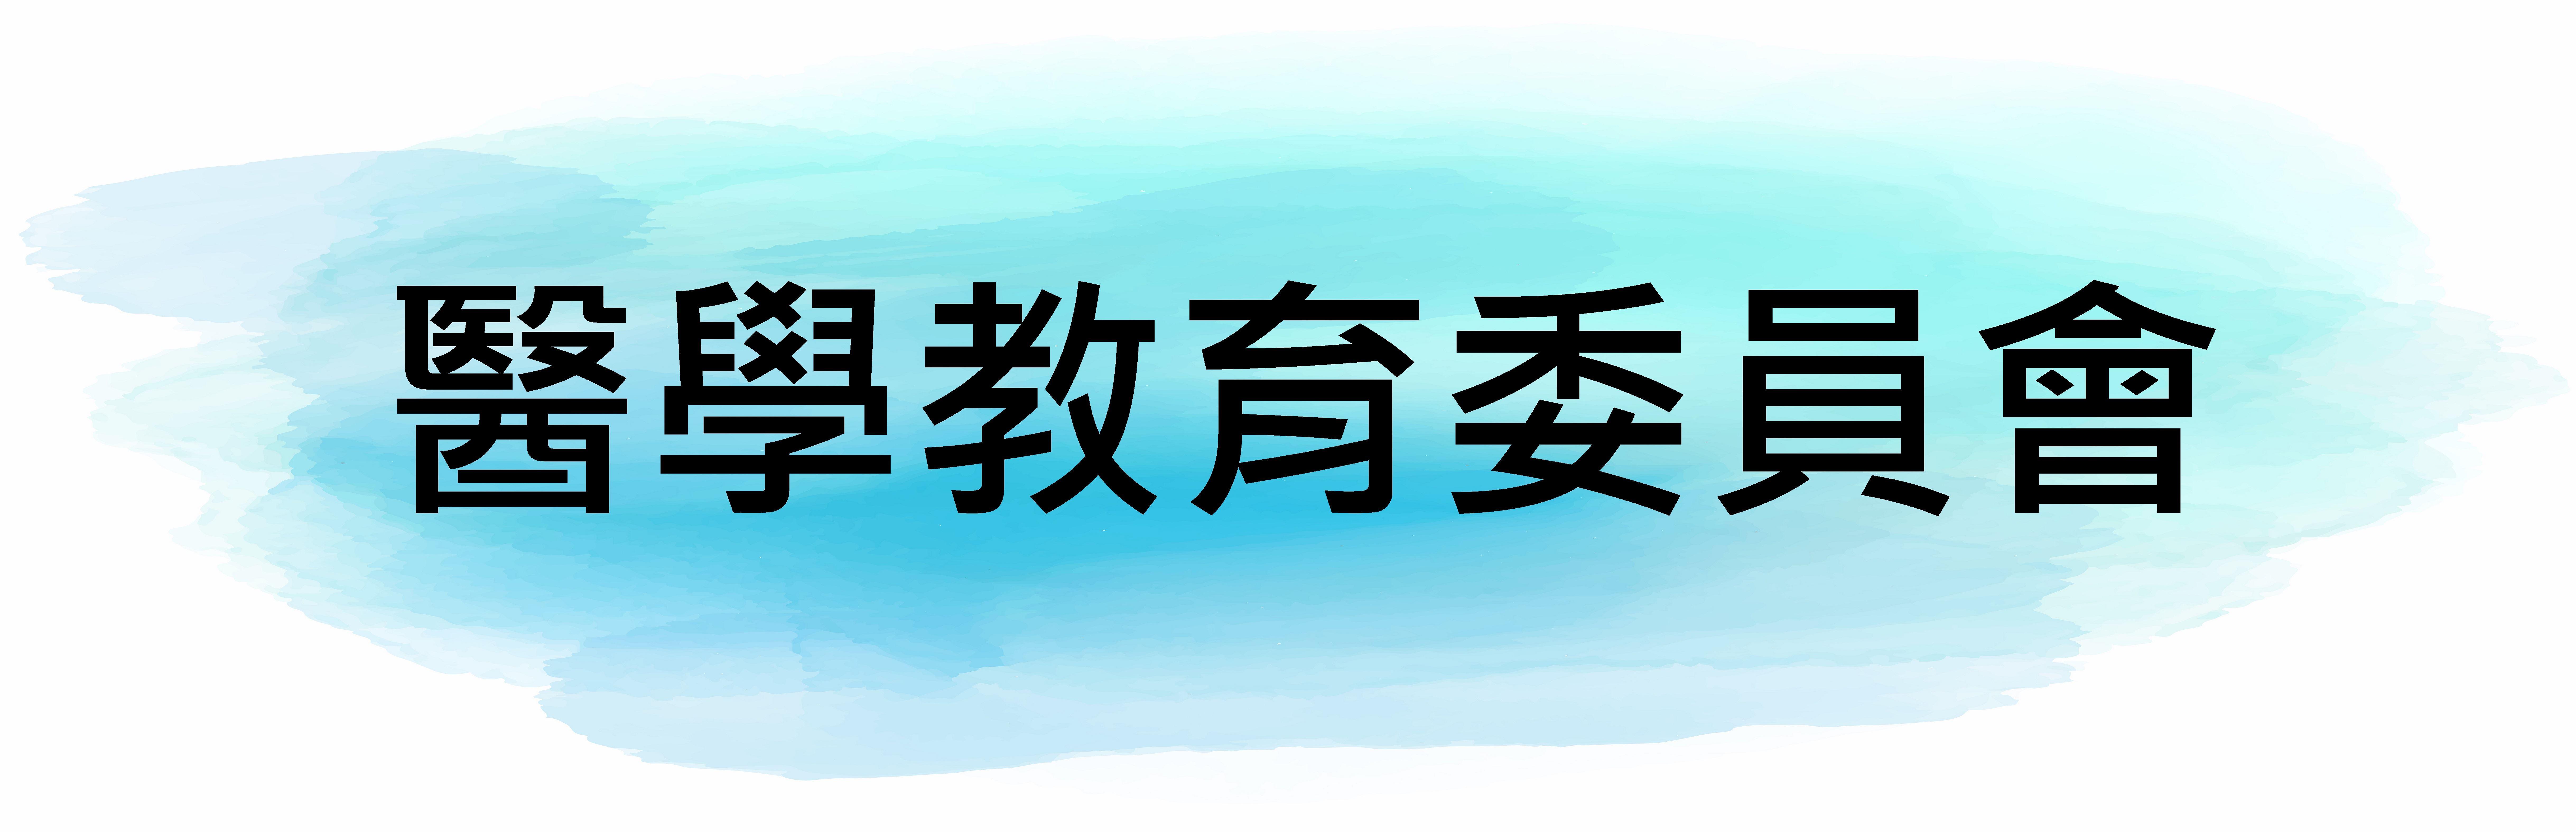 醫學教育委員會(限院內)(圖片)